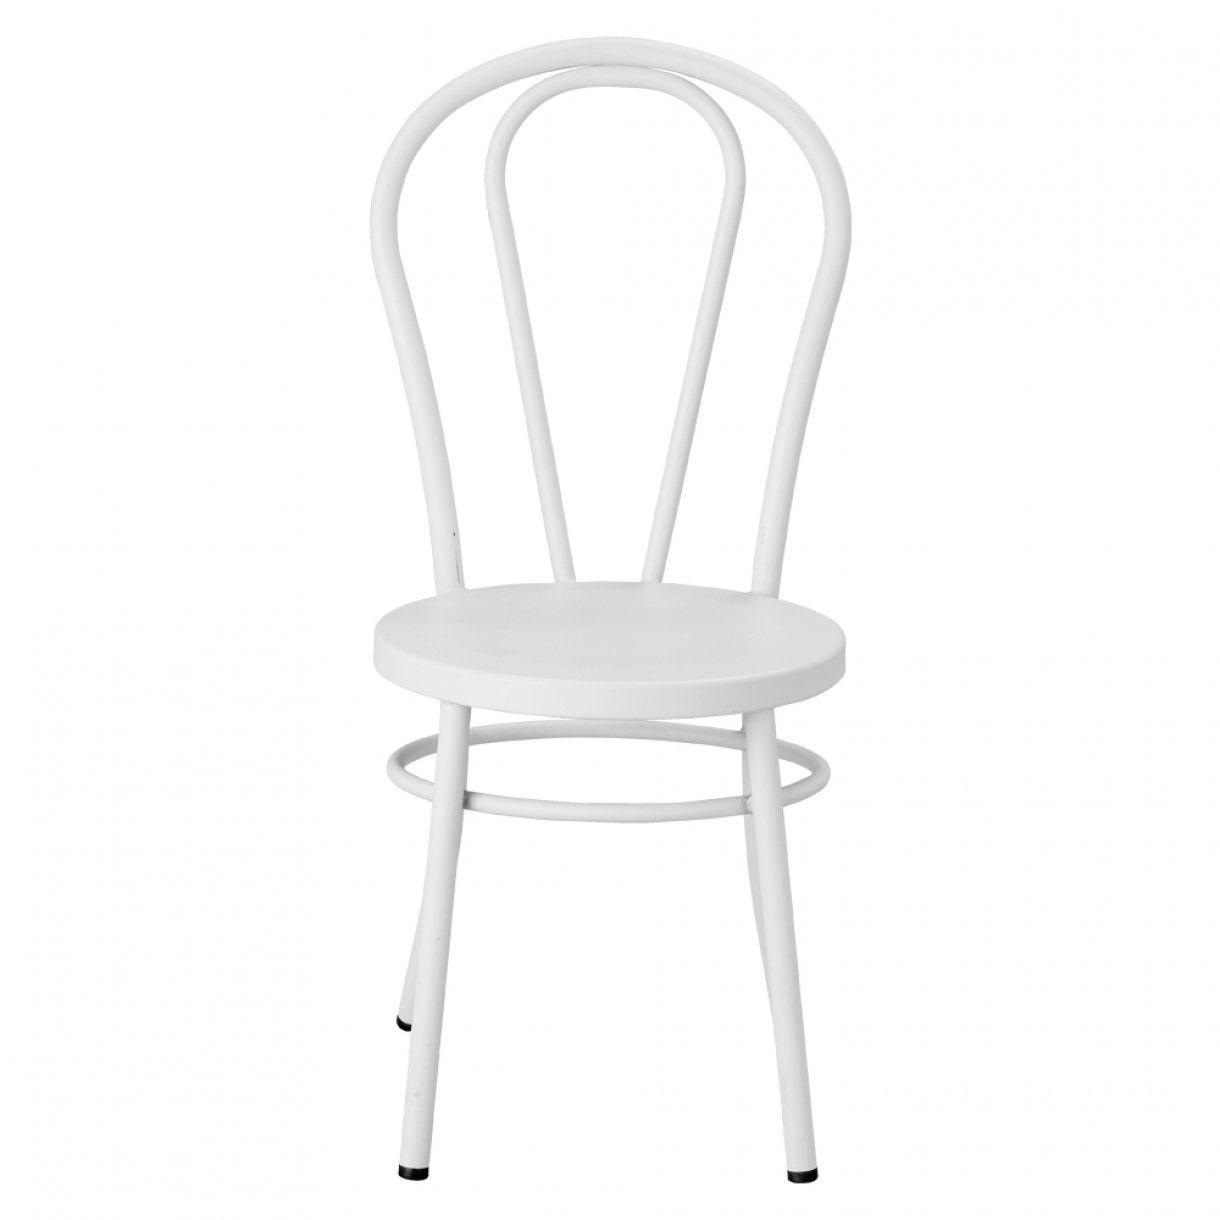 Weißer Metall Stuhl Überprüfen Sie mehr unter http://stuhle.info ...